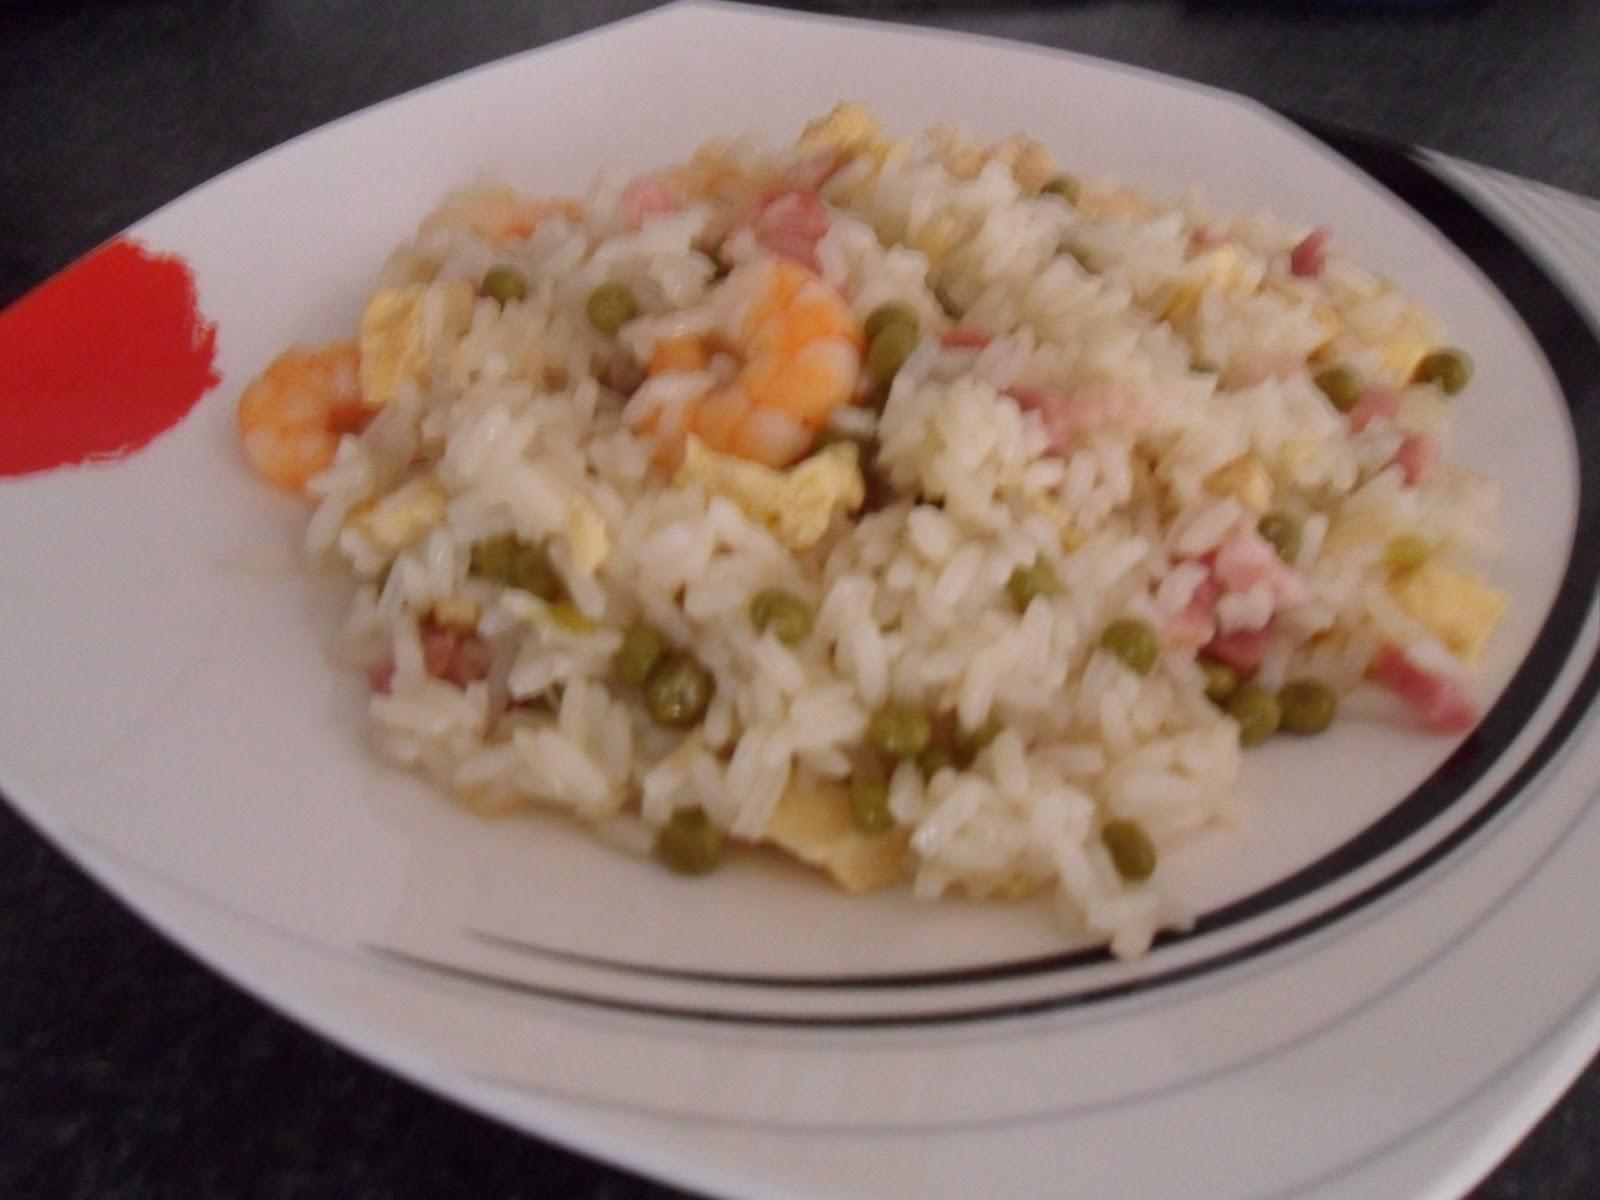 La cocina seg n ereaga arroz 3 delicias for Cocinar arroz 3 delicias